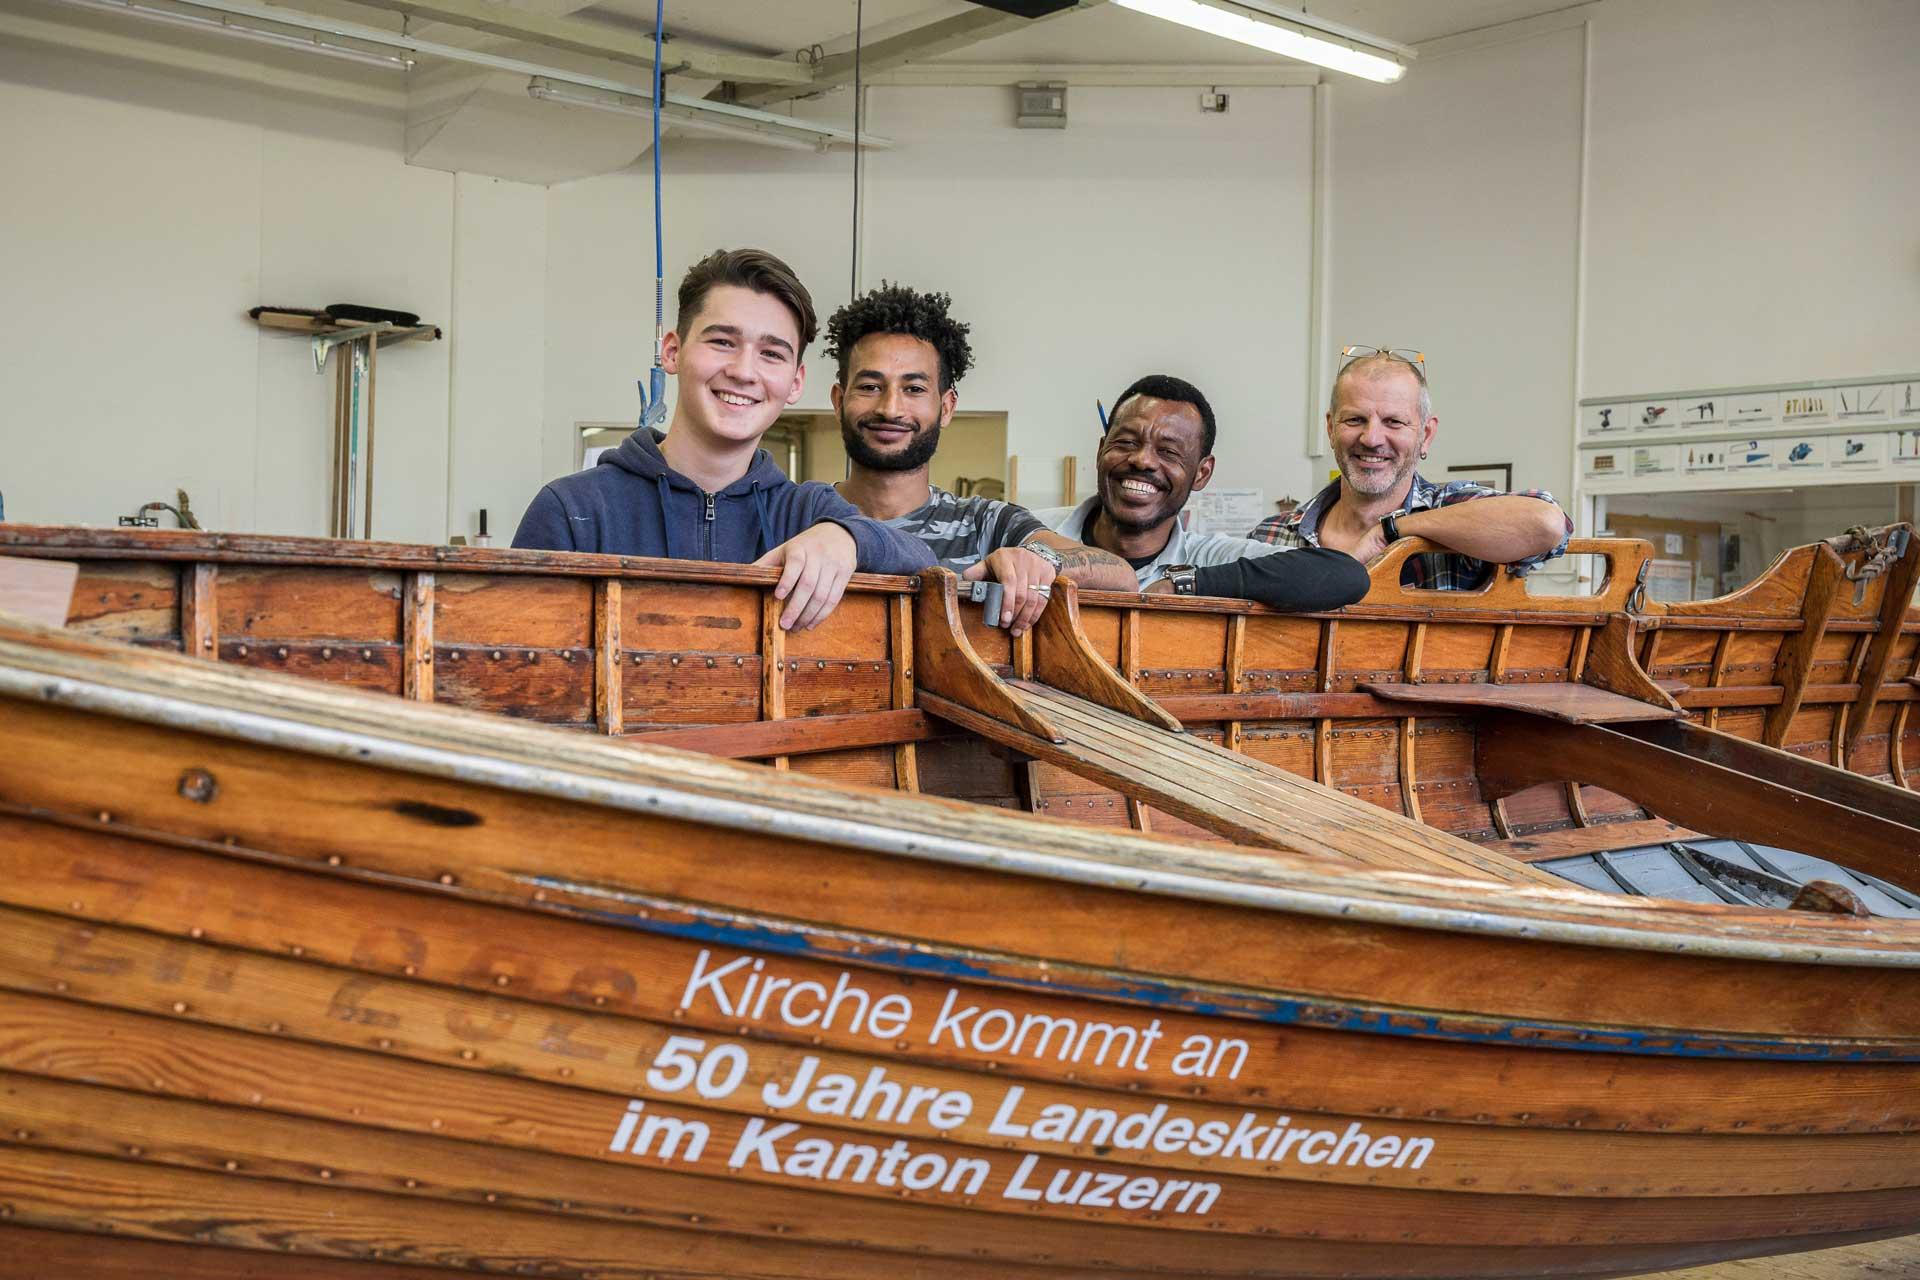 Im September wurde das Jubiläums-Boot am Bodensee abgeholt, im Oktober in der Caritas-Werkstatt in Littau instandgestellt. Daran beteiligt waren (von rechts) Schreinerei-Leiter Renato Stiz und die Mitarbeitenden Mahamed Ali Nur, Haile Tesfamatiam und Nemanja Sladojevic.